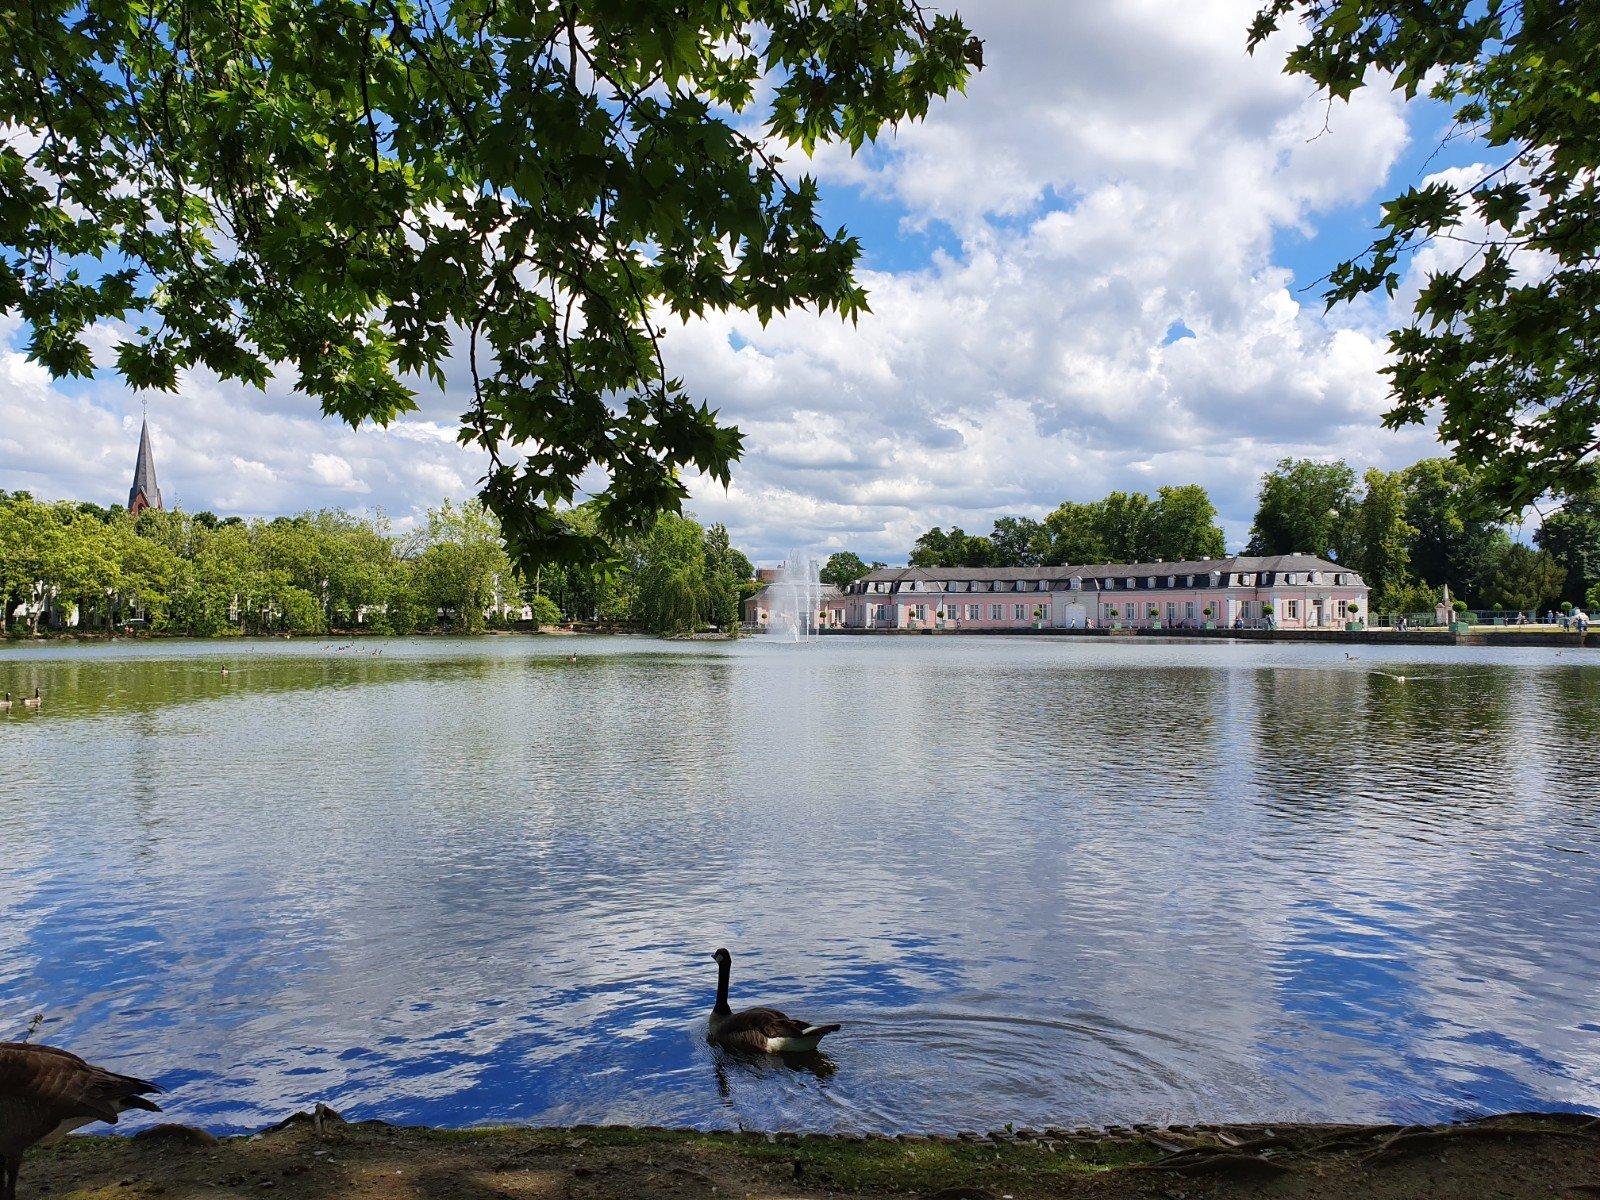 Un ganso nadando tranquilamente por el estanque del Palacio de Benrath.